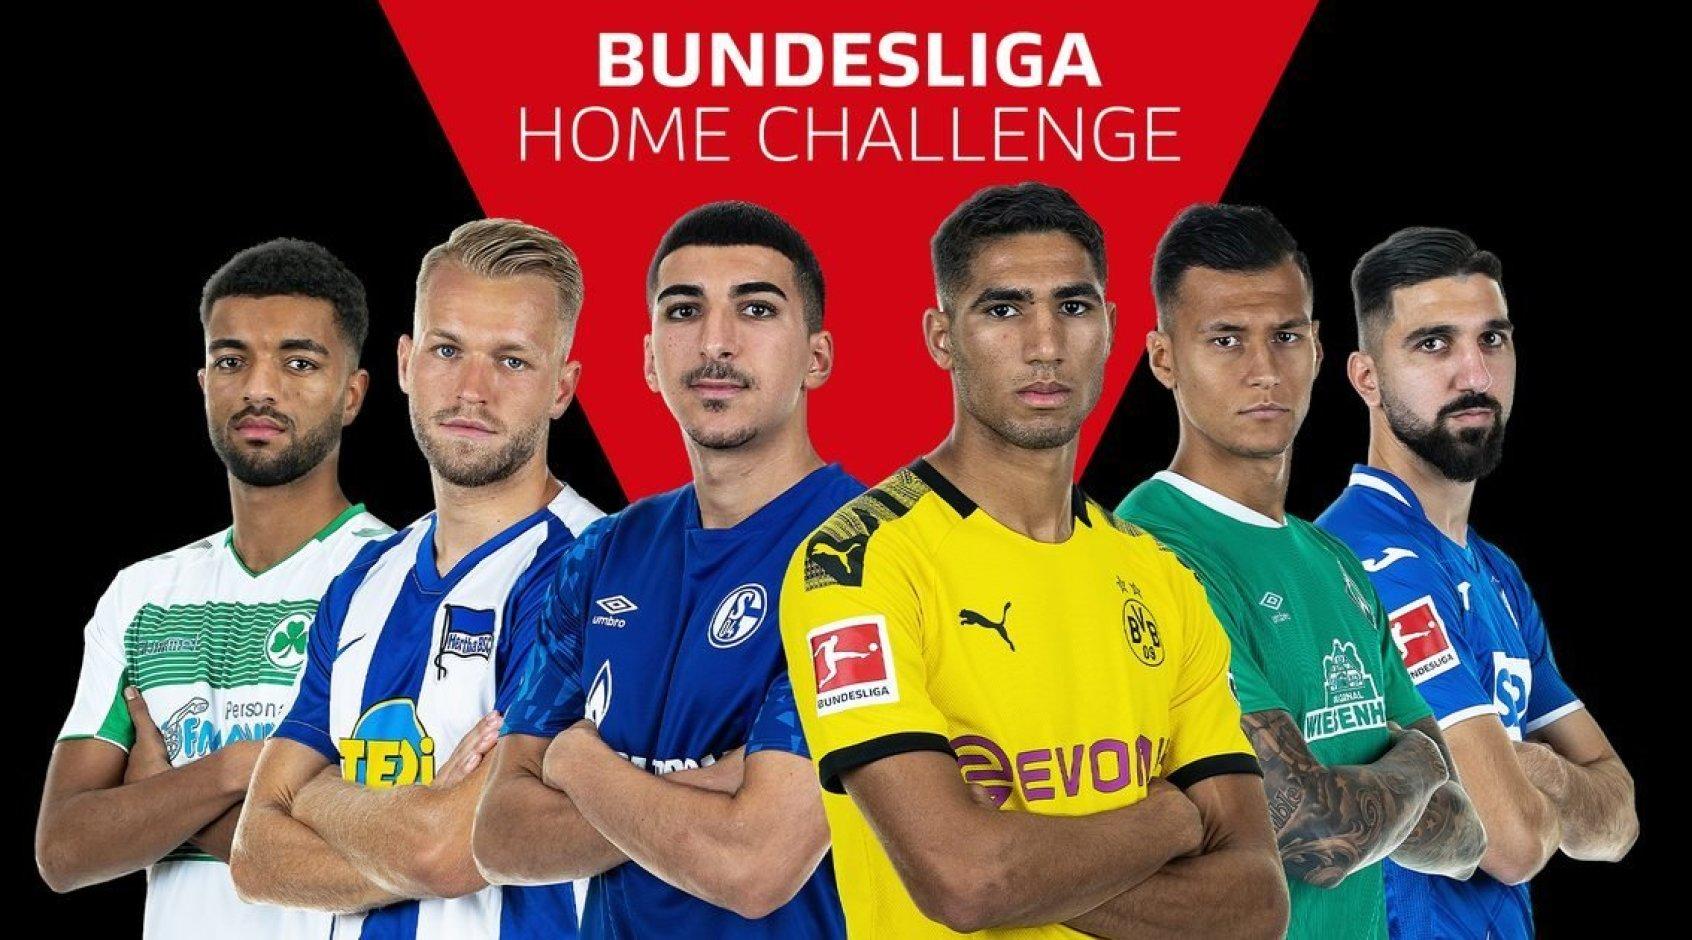 Киберфутбол. FIFA 20. Бундеслига. #BundesligaHomeChallenge. 4-я игровая неделя. Видеообзор матчей субботы